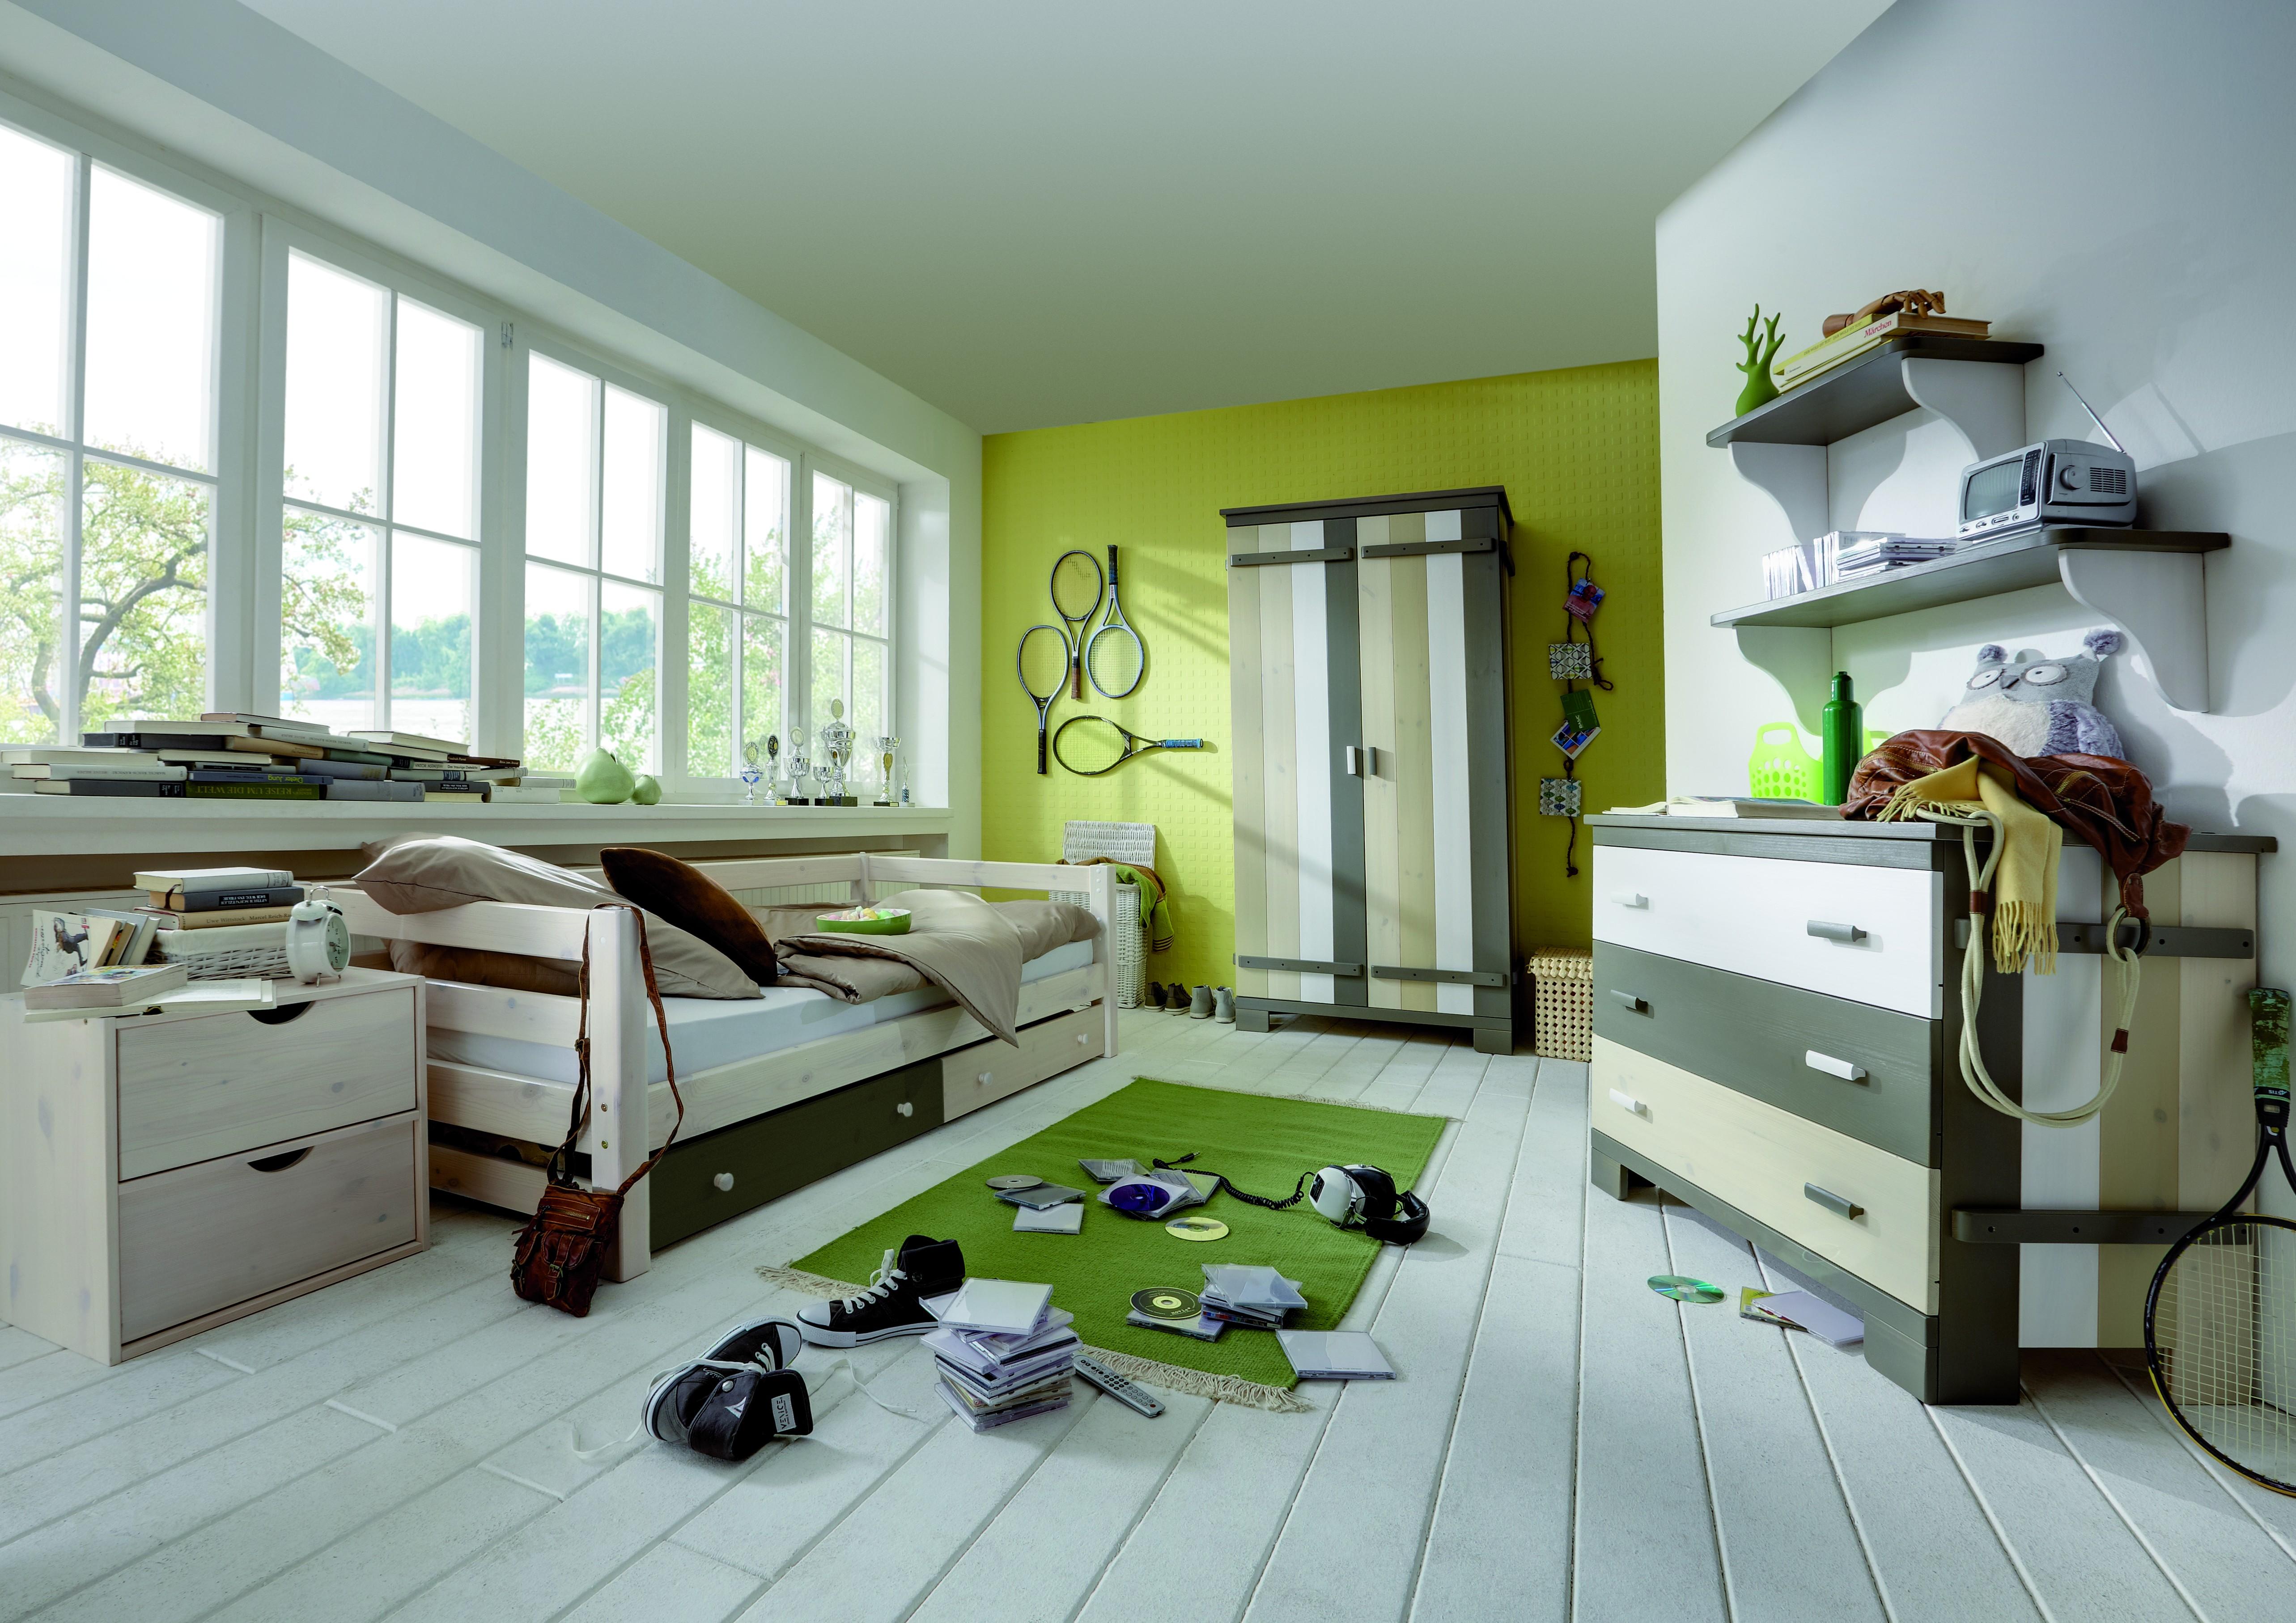 Welcher Fußboden gehört ins Kinderzimmer?